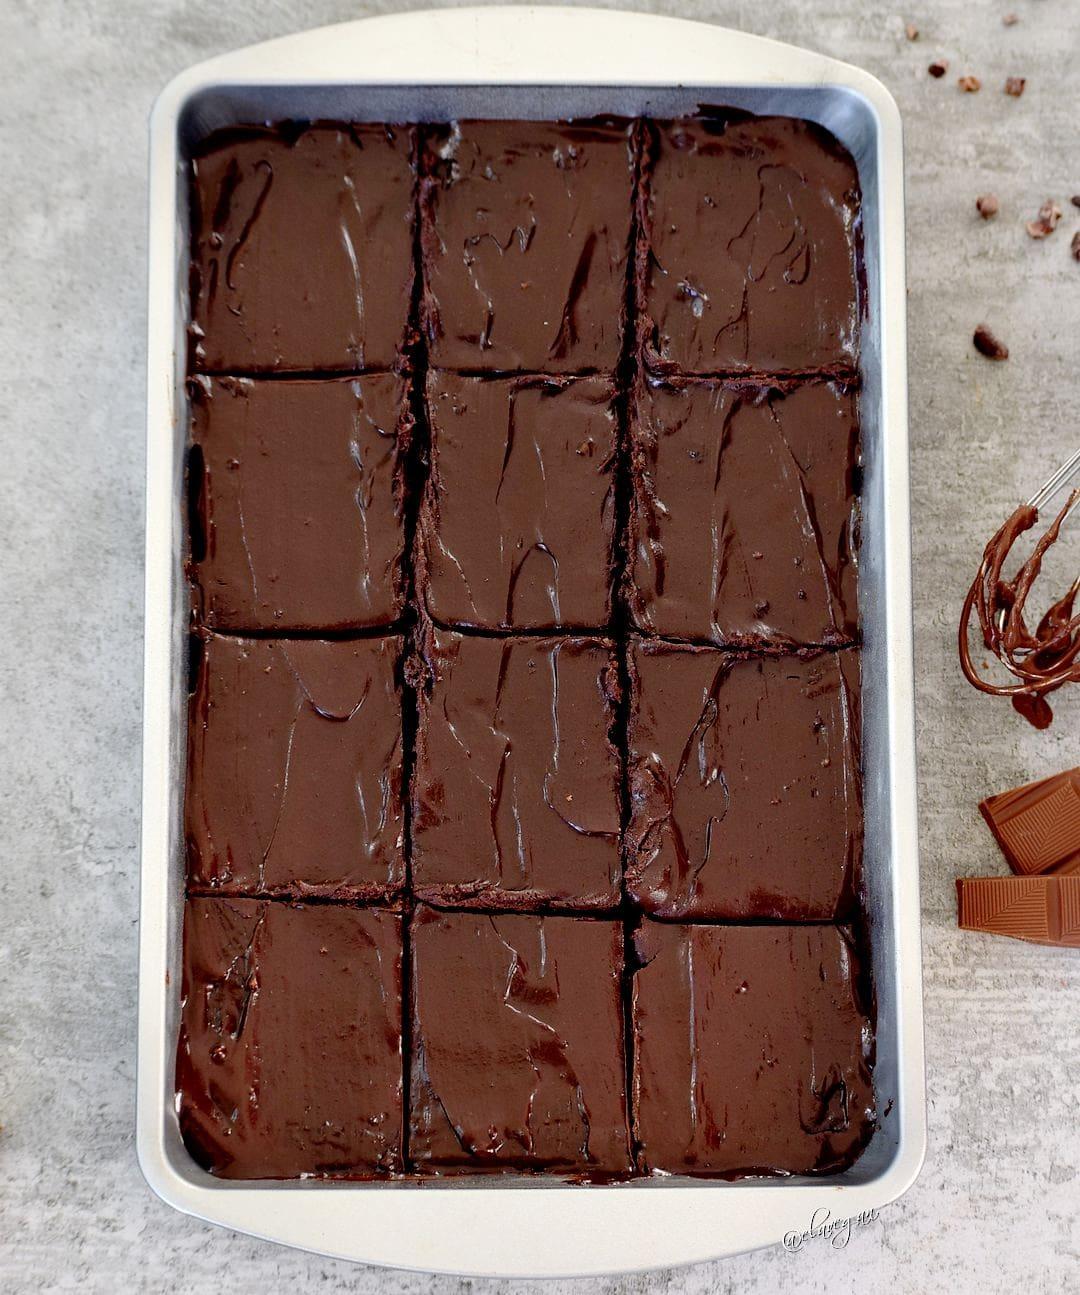 die besten brownies glutenfrei, vegan, ohne Ei, ohne schwarze Bohnen